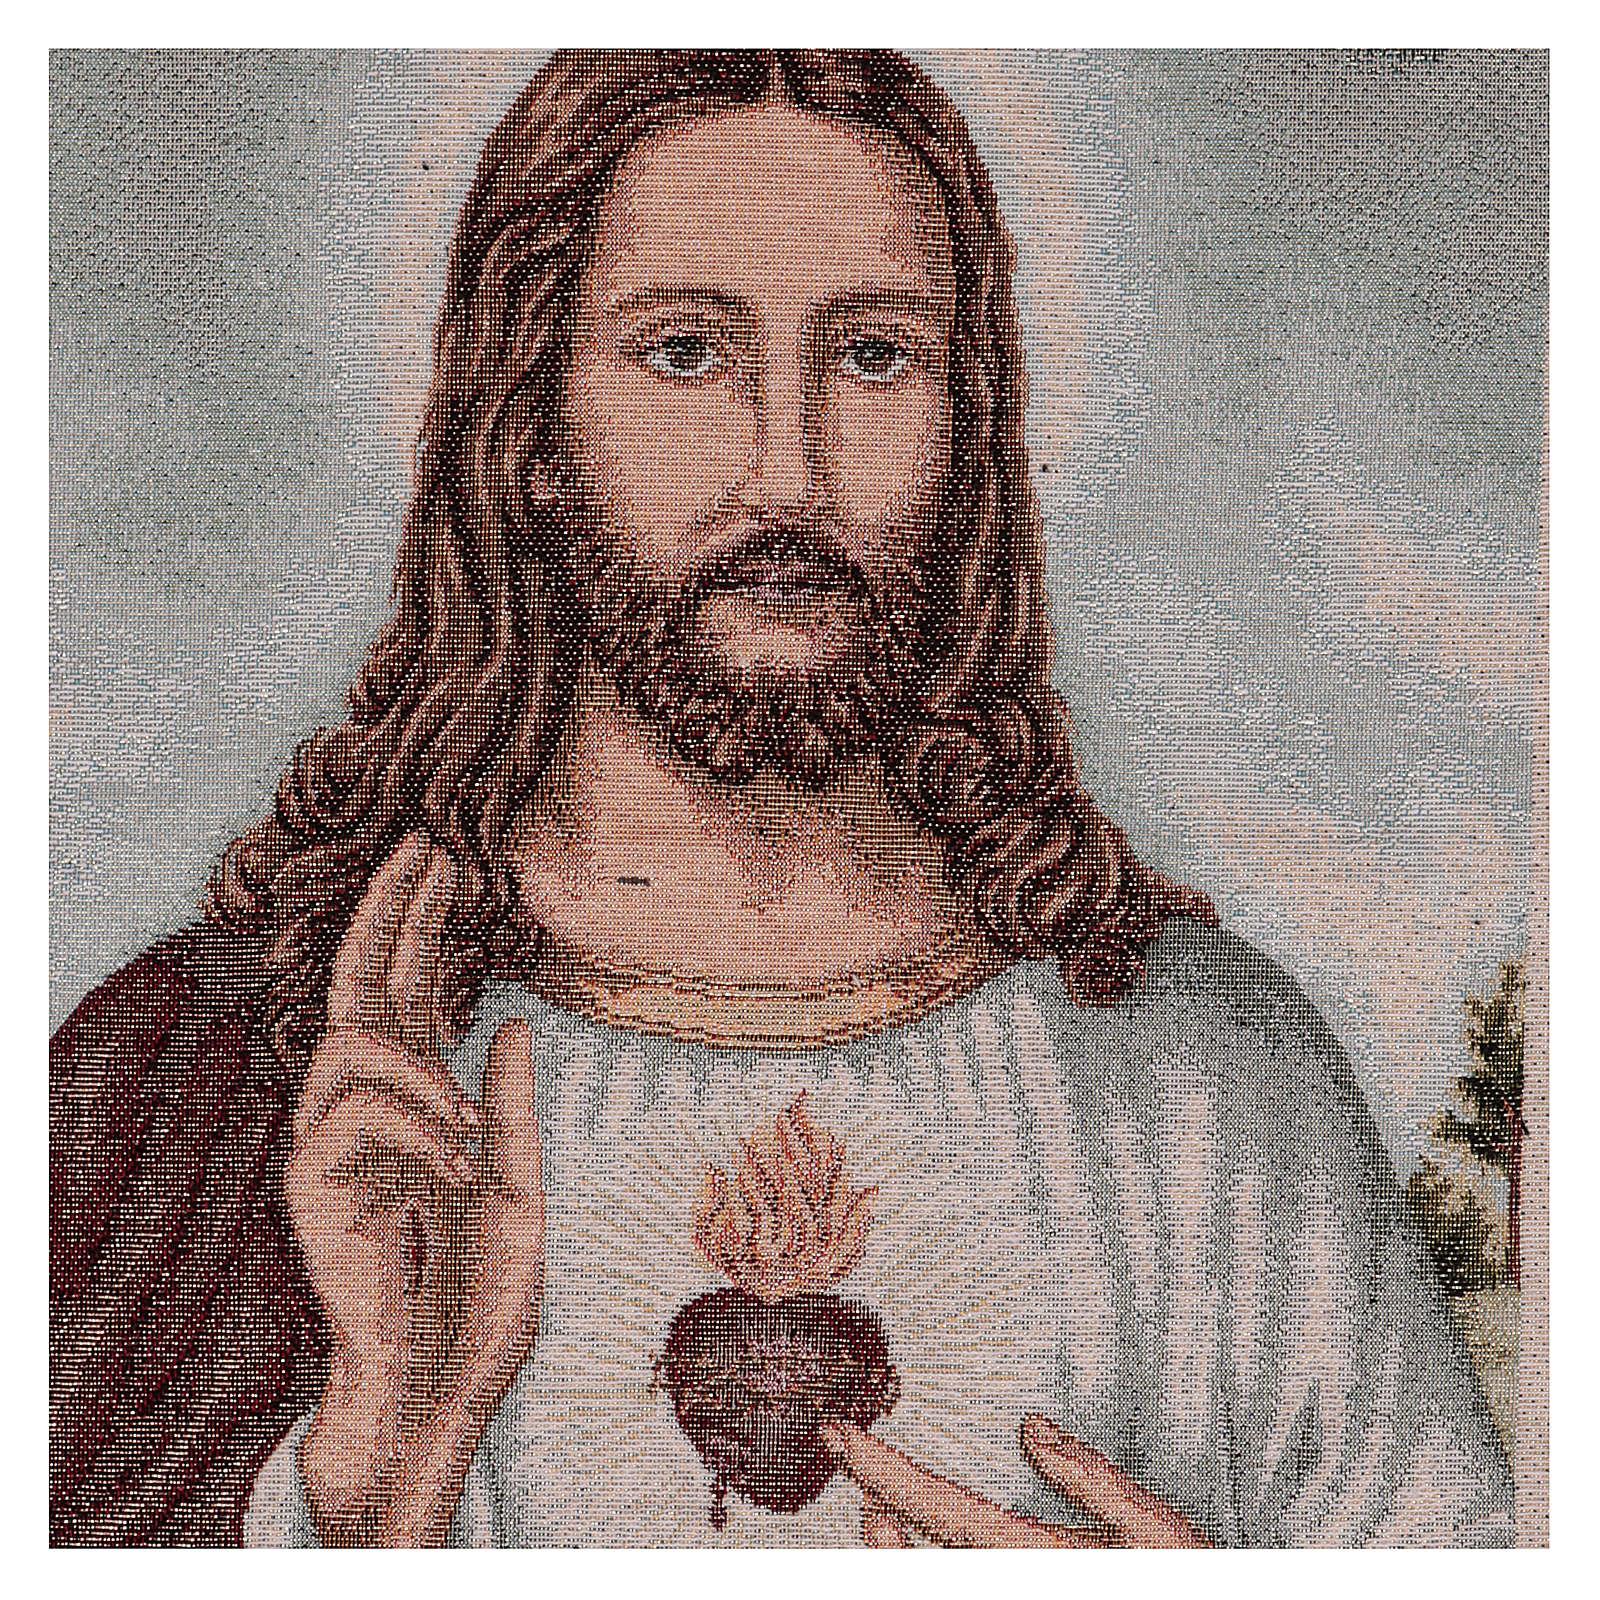 Arazzo Sacro Cuore di Gesù con paesaggio 50x40 3